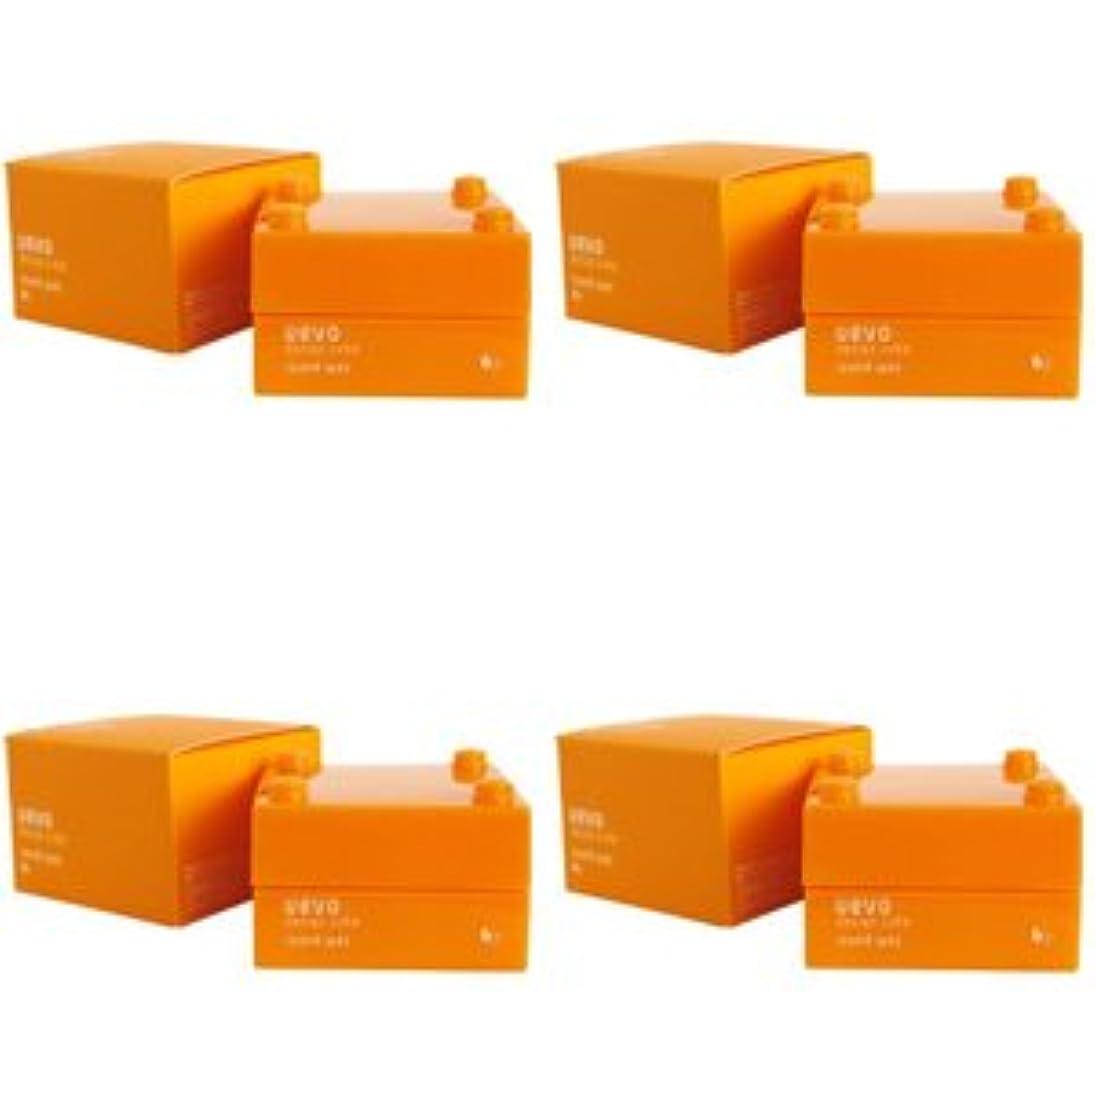 世紀先史時代のゆり【X4個セット】 デミ ウェーボ デザインキューブ ラウンドワックス 30g round wax DEMI uevo design cube